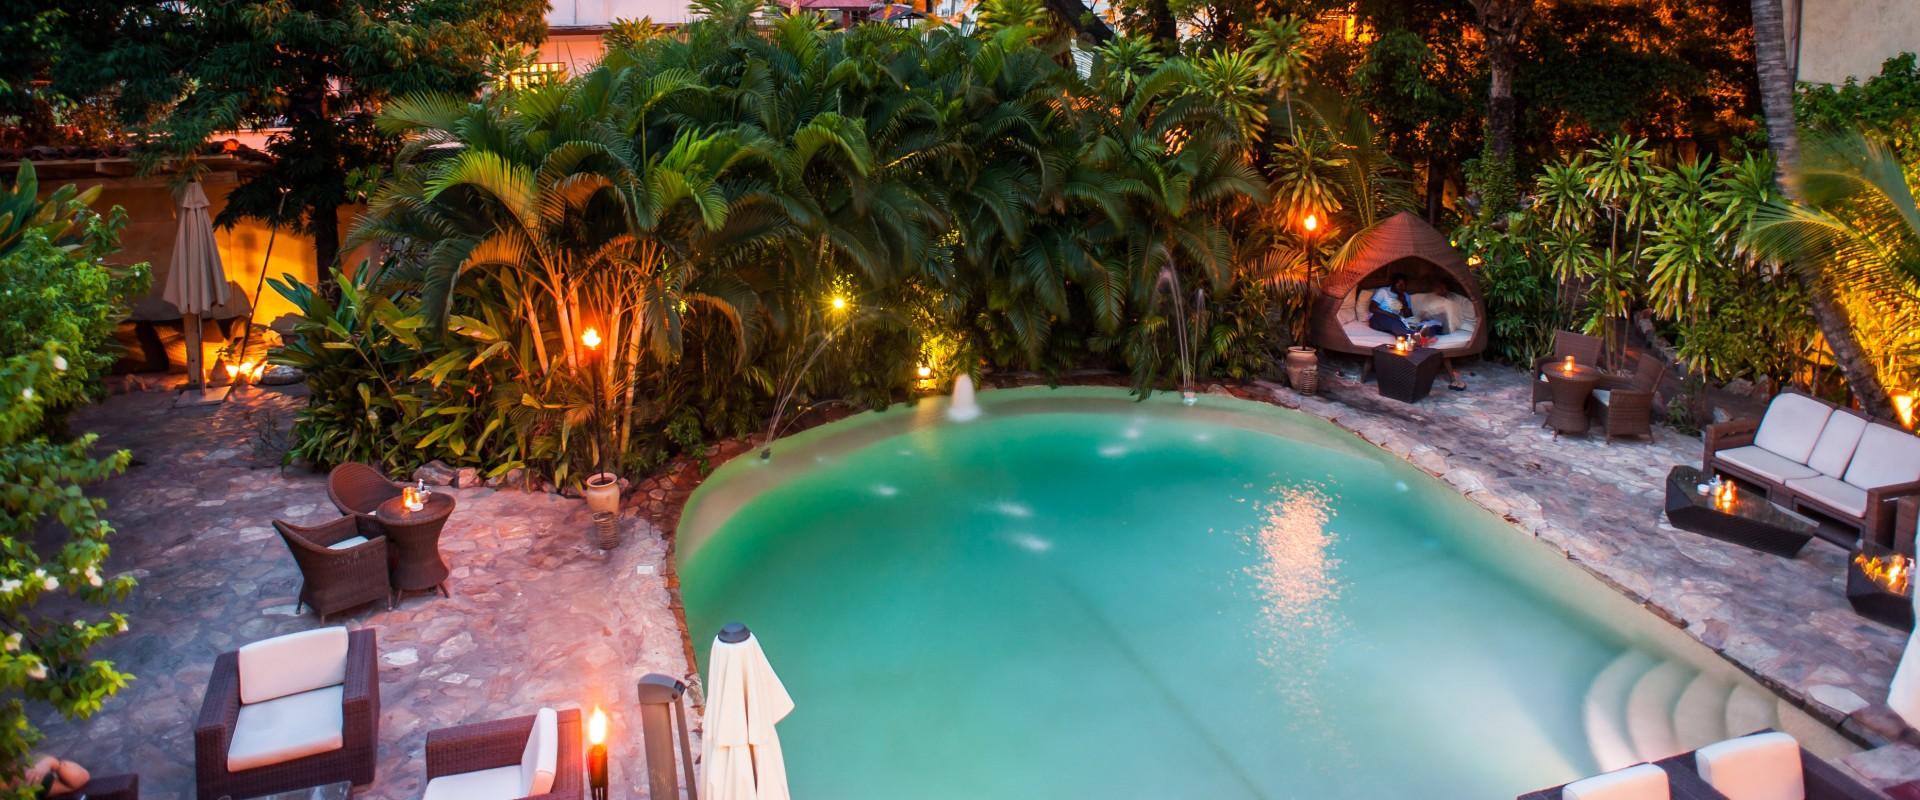 La villa boutique hotel hip africa for Boutique hotel uzuri villa